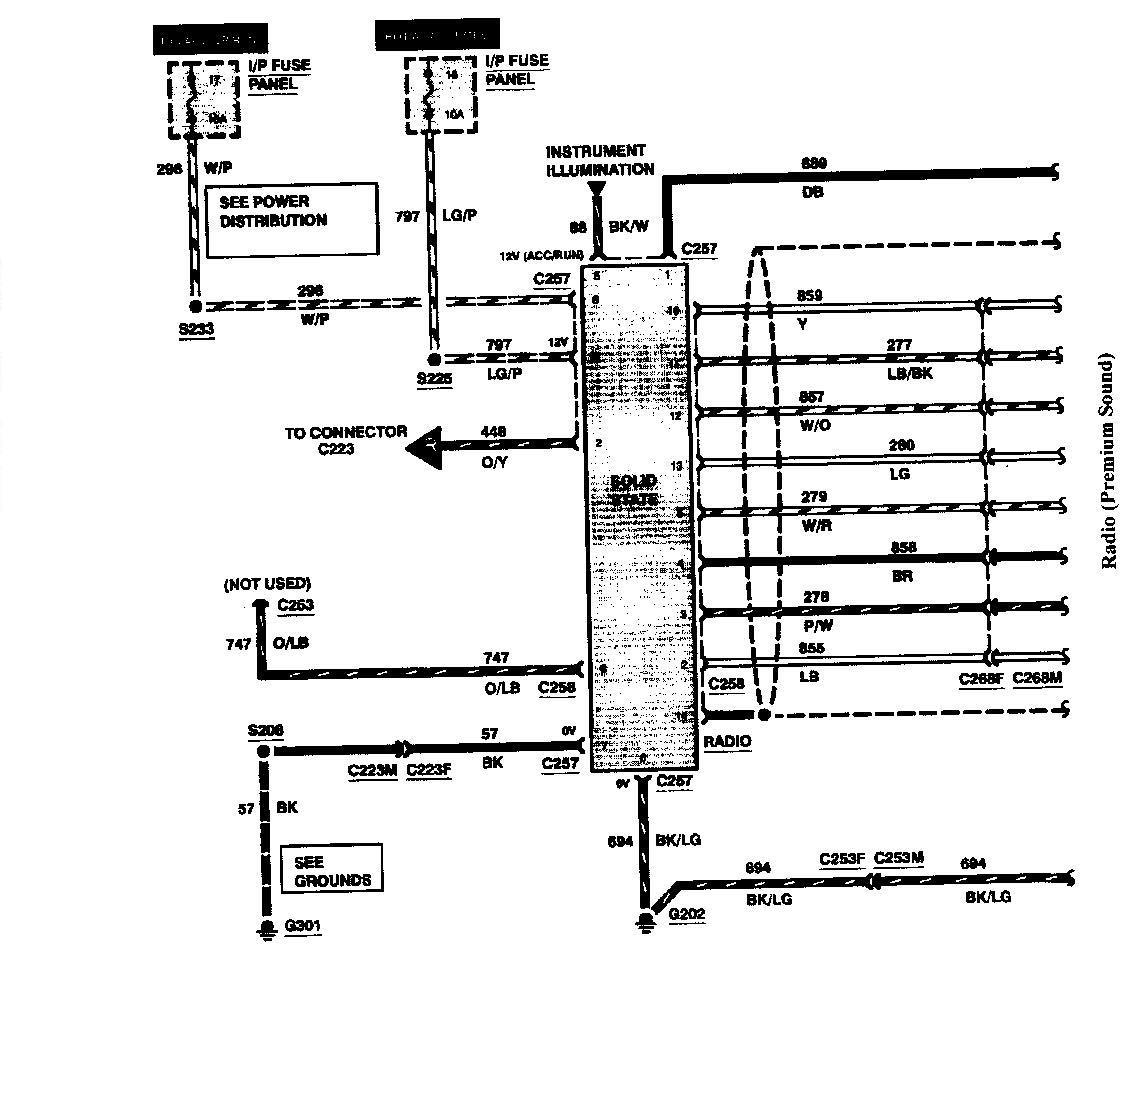 1997 lincoln town car wiring diagram human eye simple air ride library